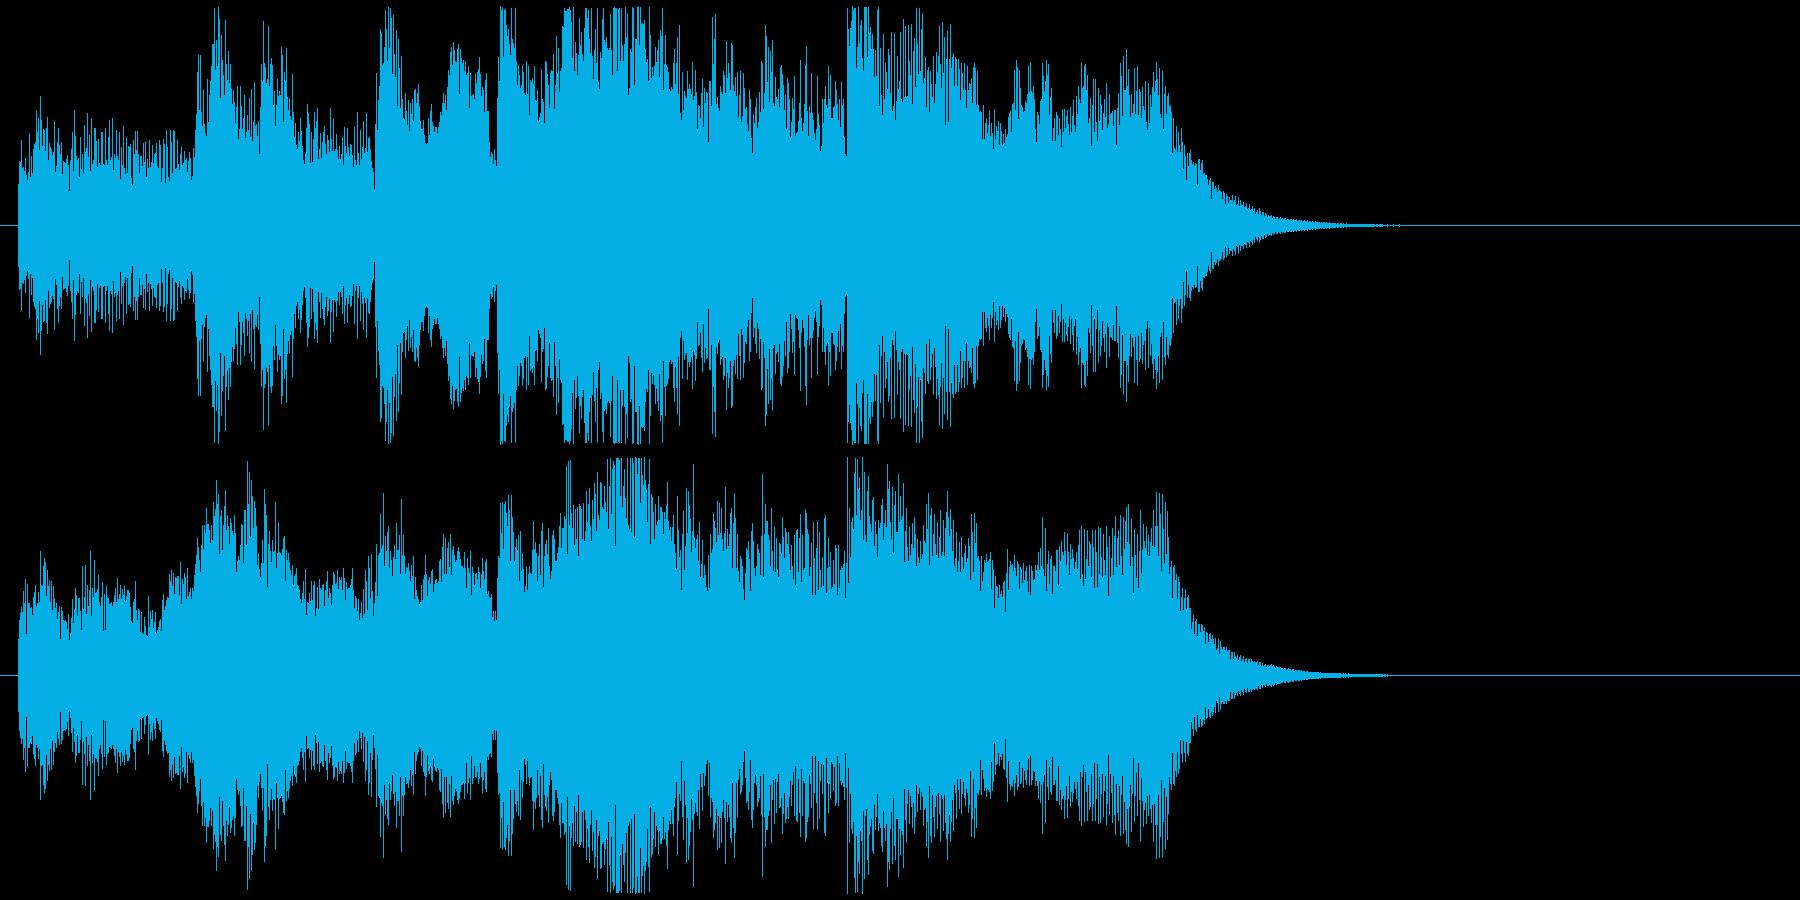 冒険が始まる壮大なオーケストラジングルの再生済みの波形